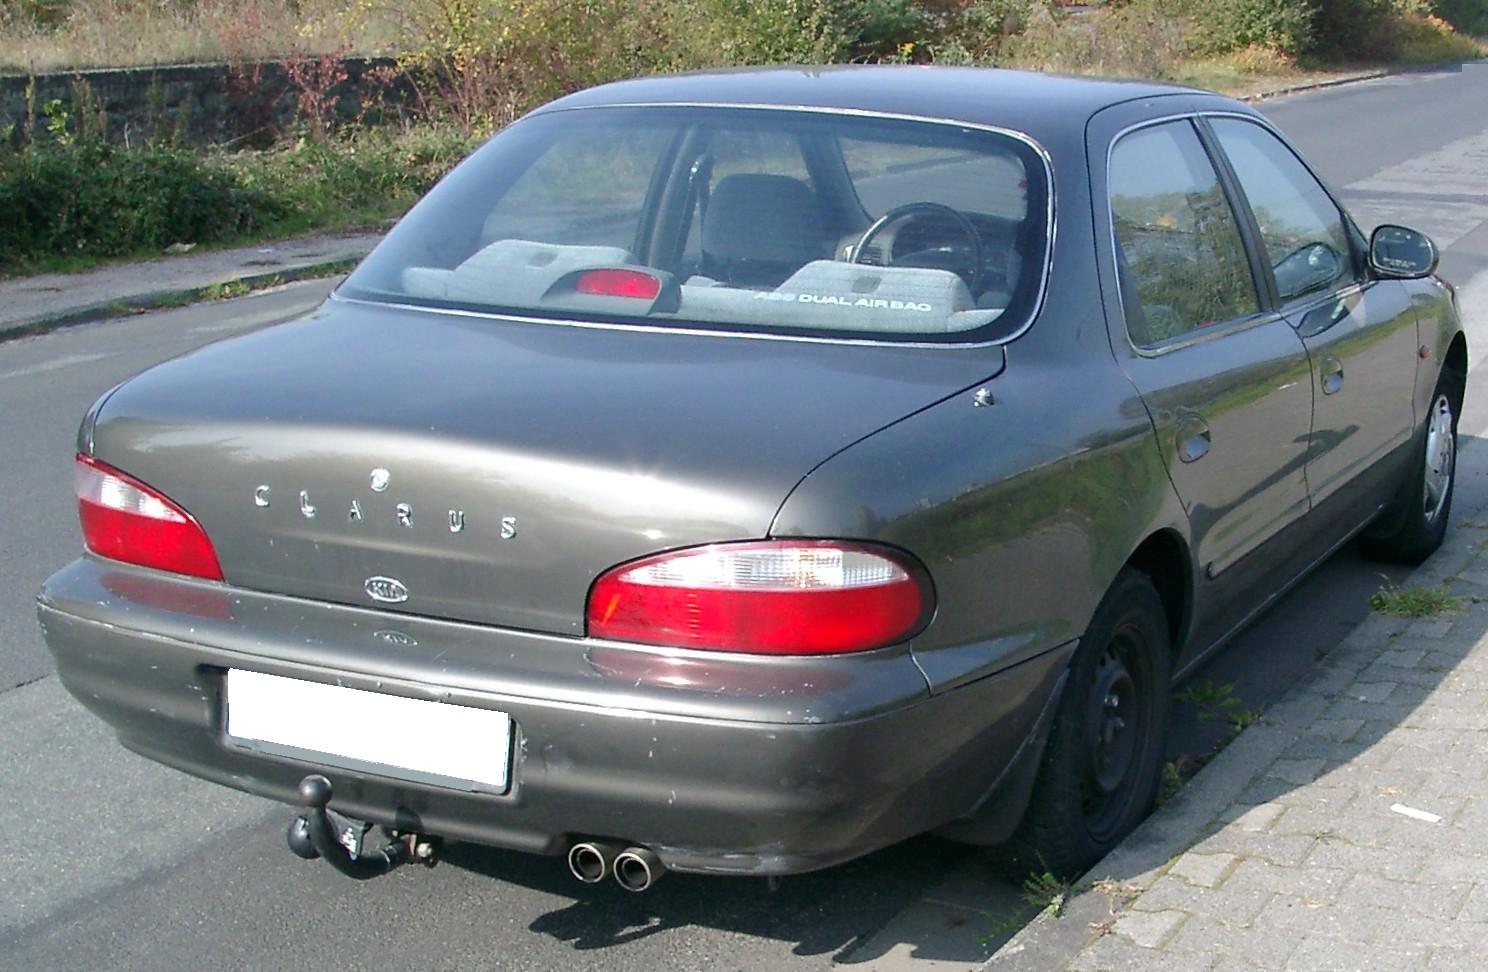 Entretien, pneus et accessoires pour Kia Clarus sur Avatacar